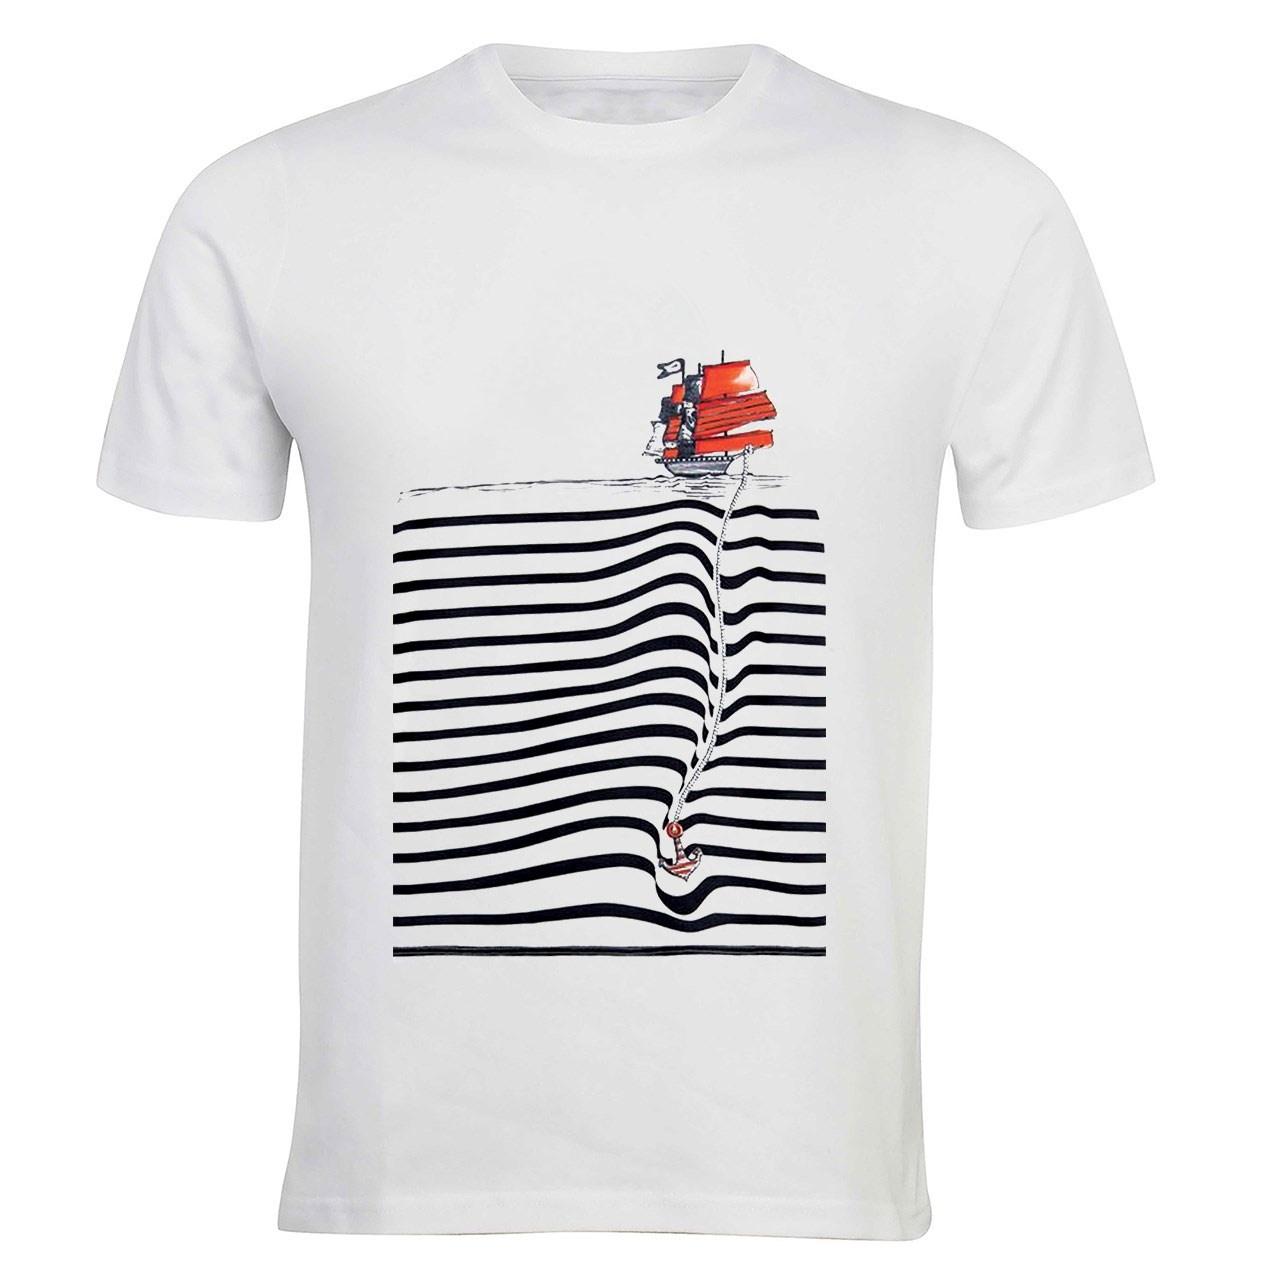 تی شرت آستین کوتاه زیزیپ کد 523T